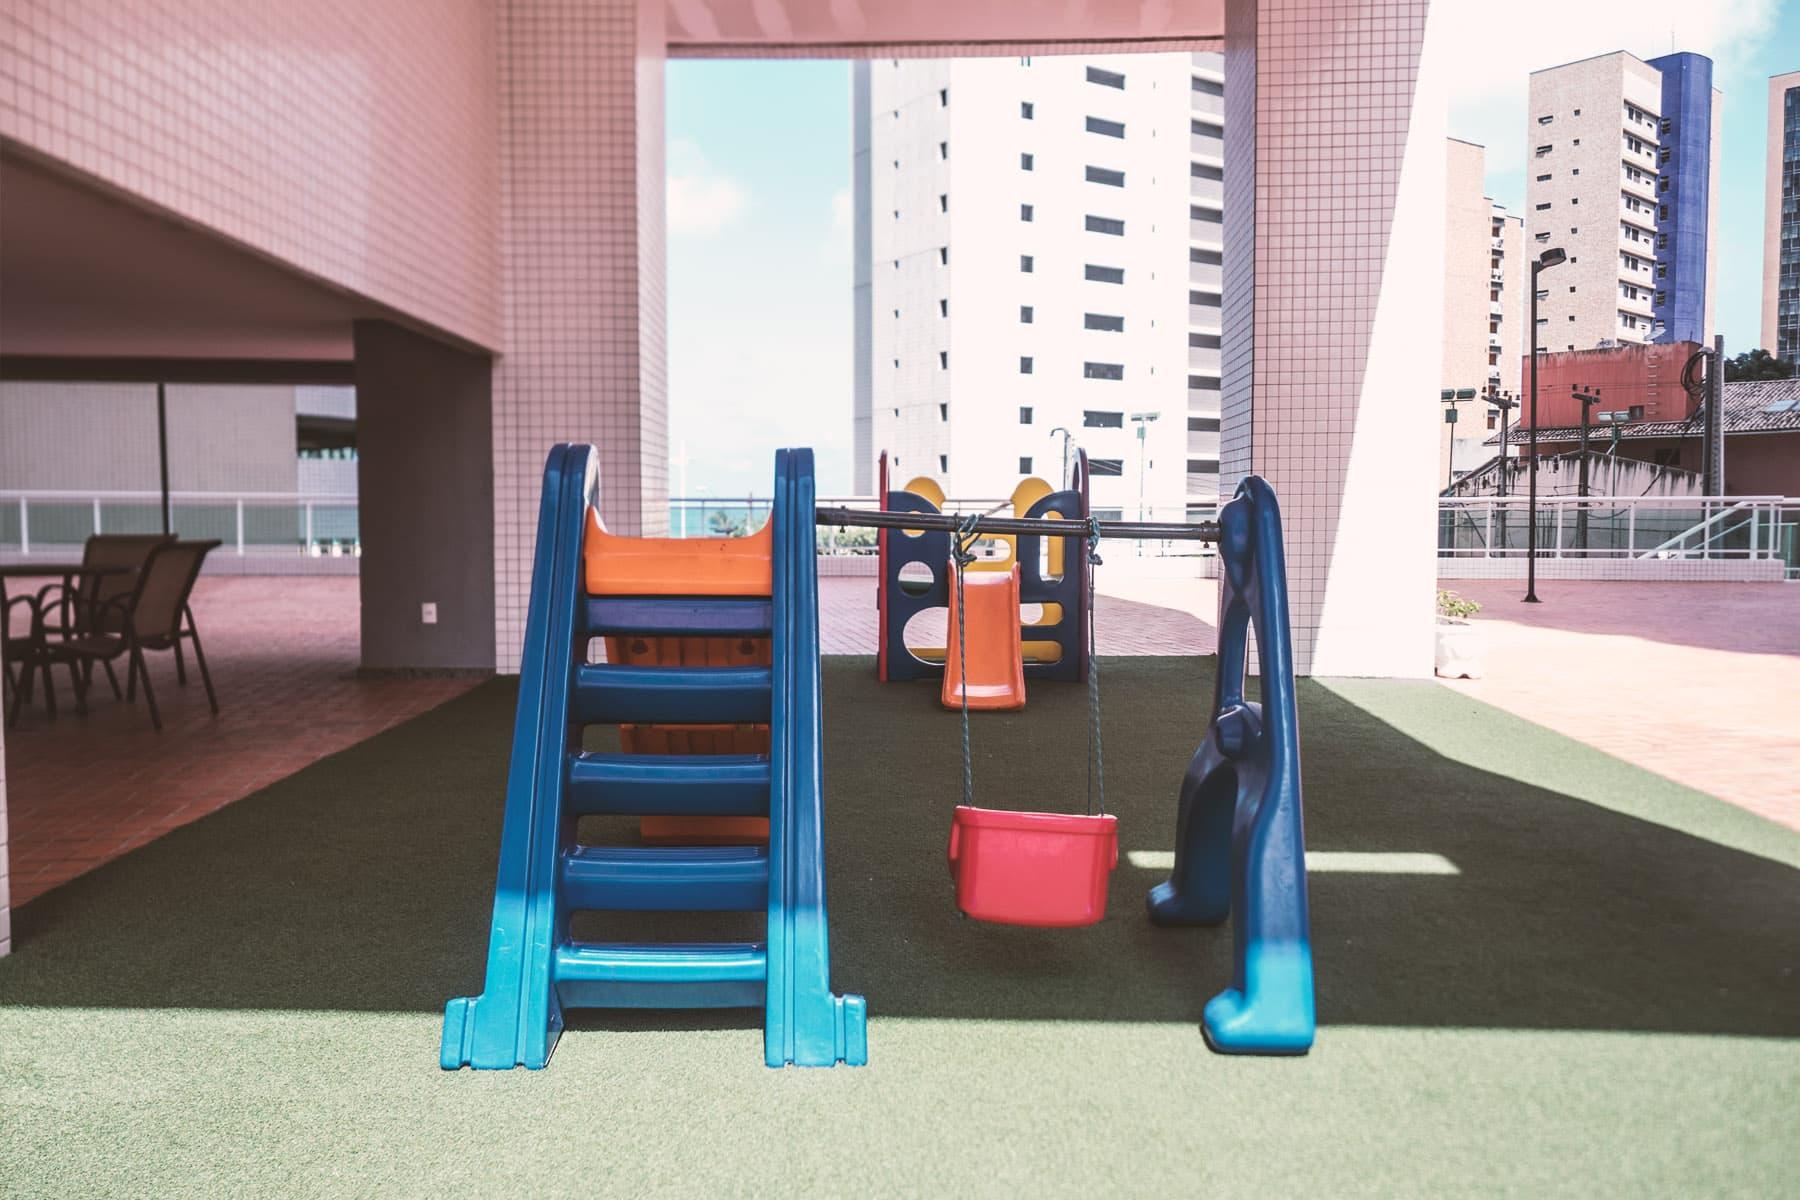 Esterno - Appartamento Beach Class - Fortaleza - Brasile